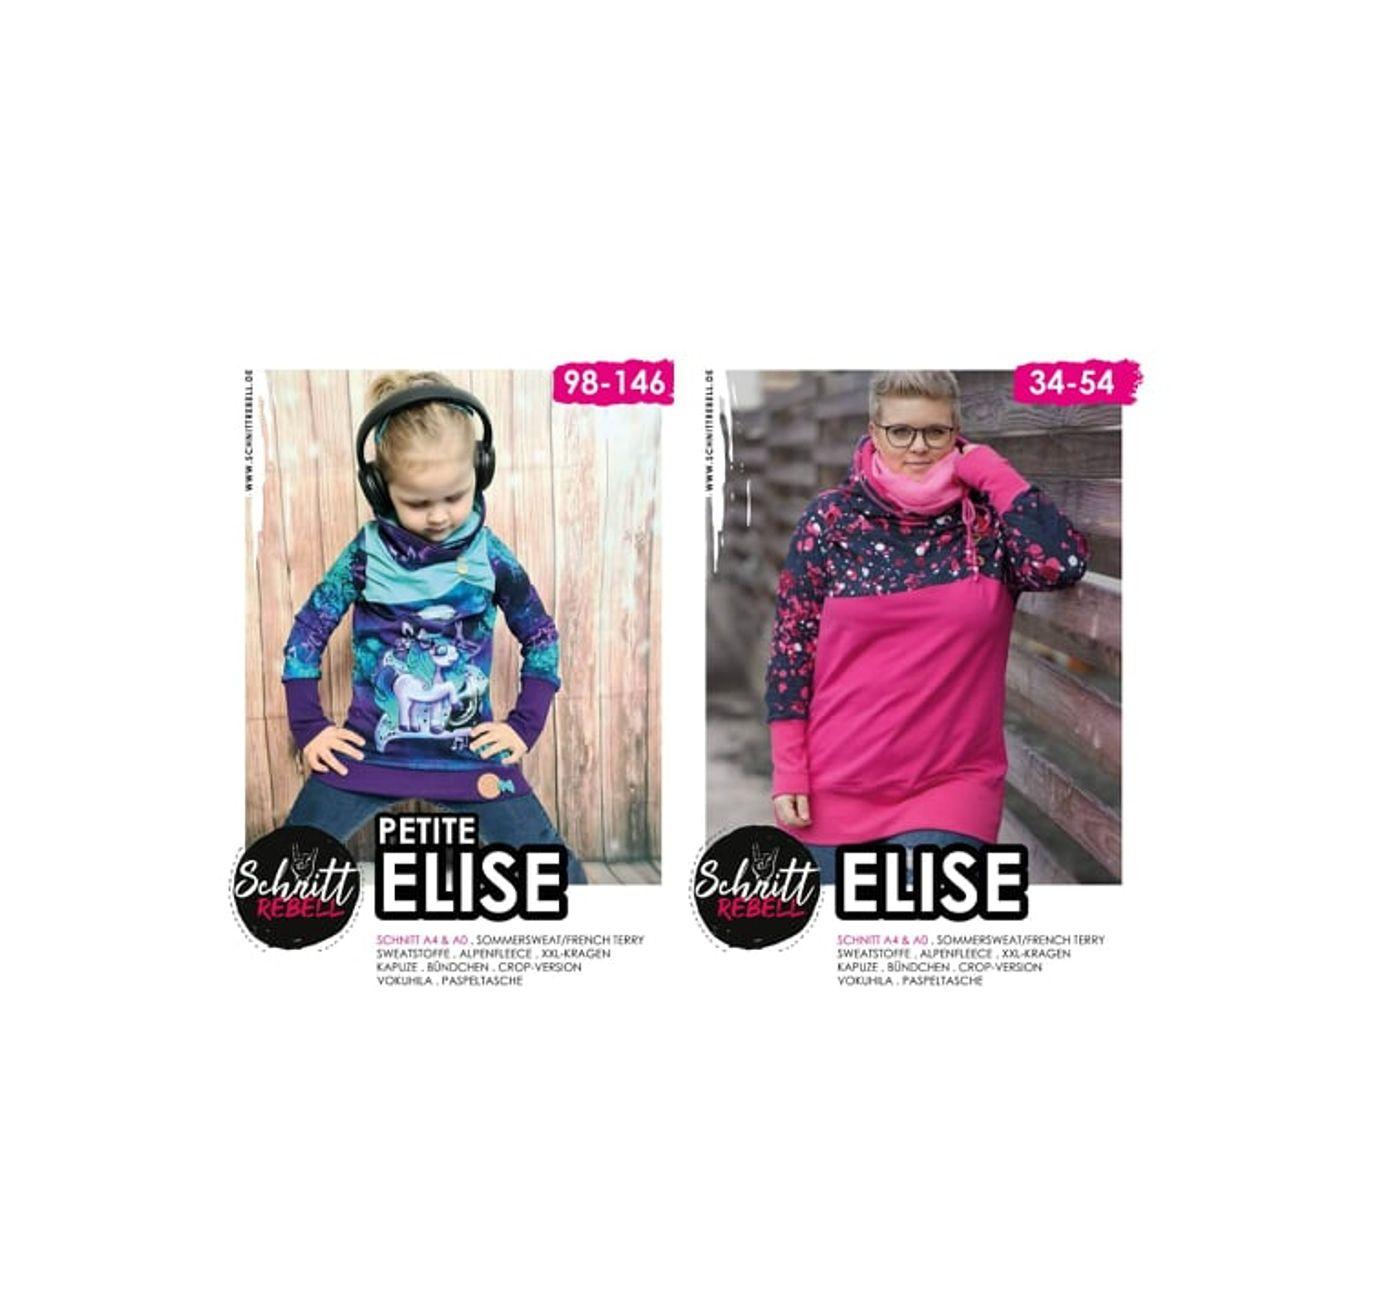 Produktfoto 1 von Schnittrebell für Schnittmuster Kombi Ebook Elise Gr.34-54 & Petite Elise Gr.98-146